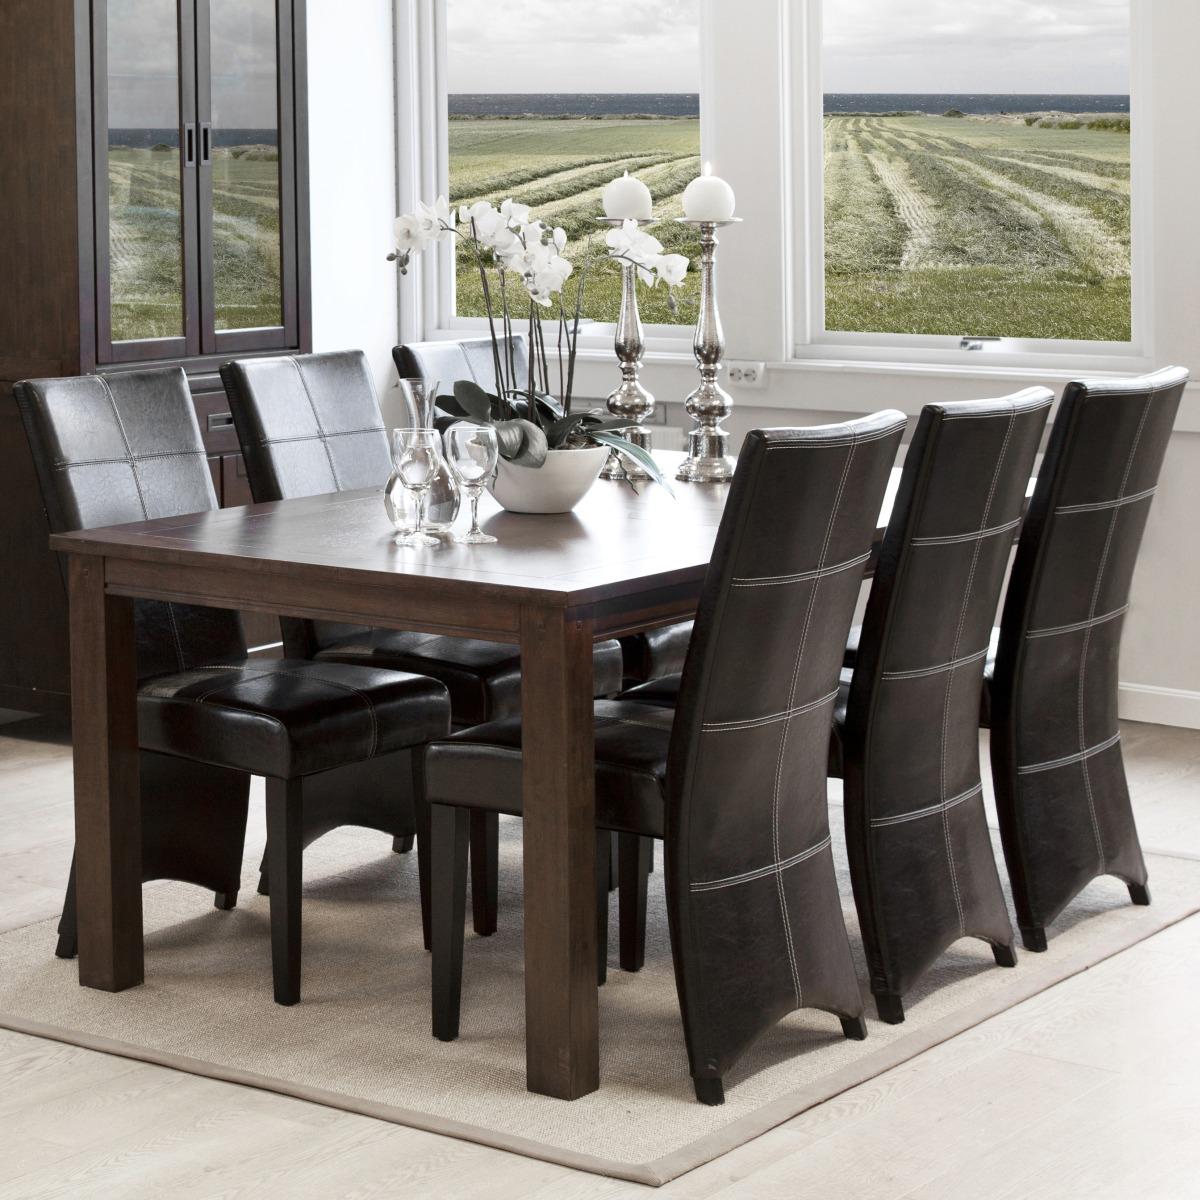 Matgrupp Mekka matbord med 1 klaff 50 cm Mörk valnöt + 6 x Kire stol Svart konstläder med